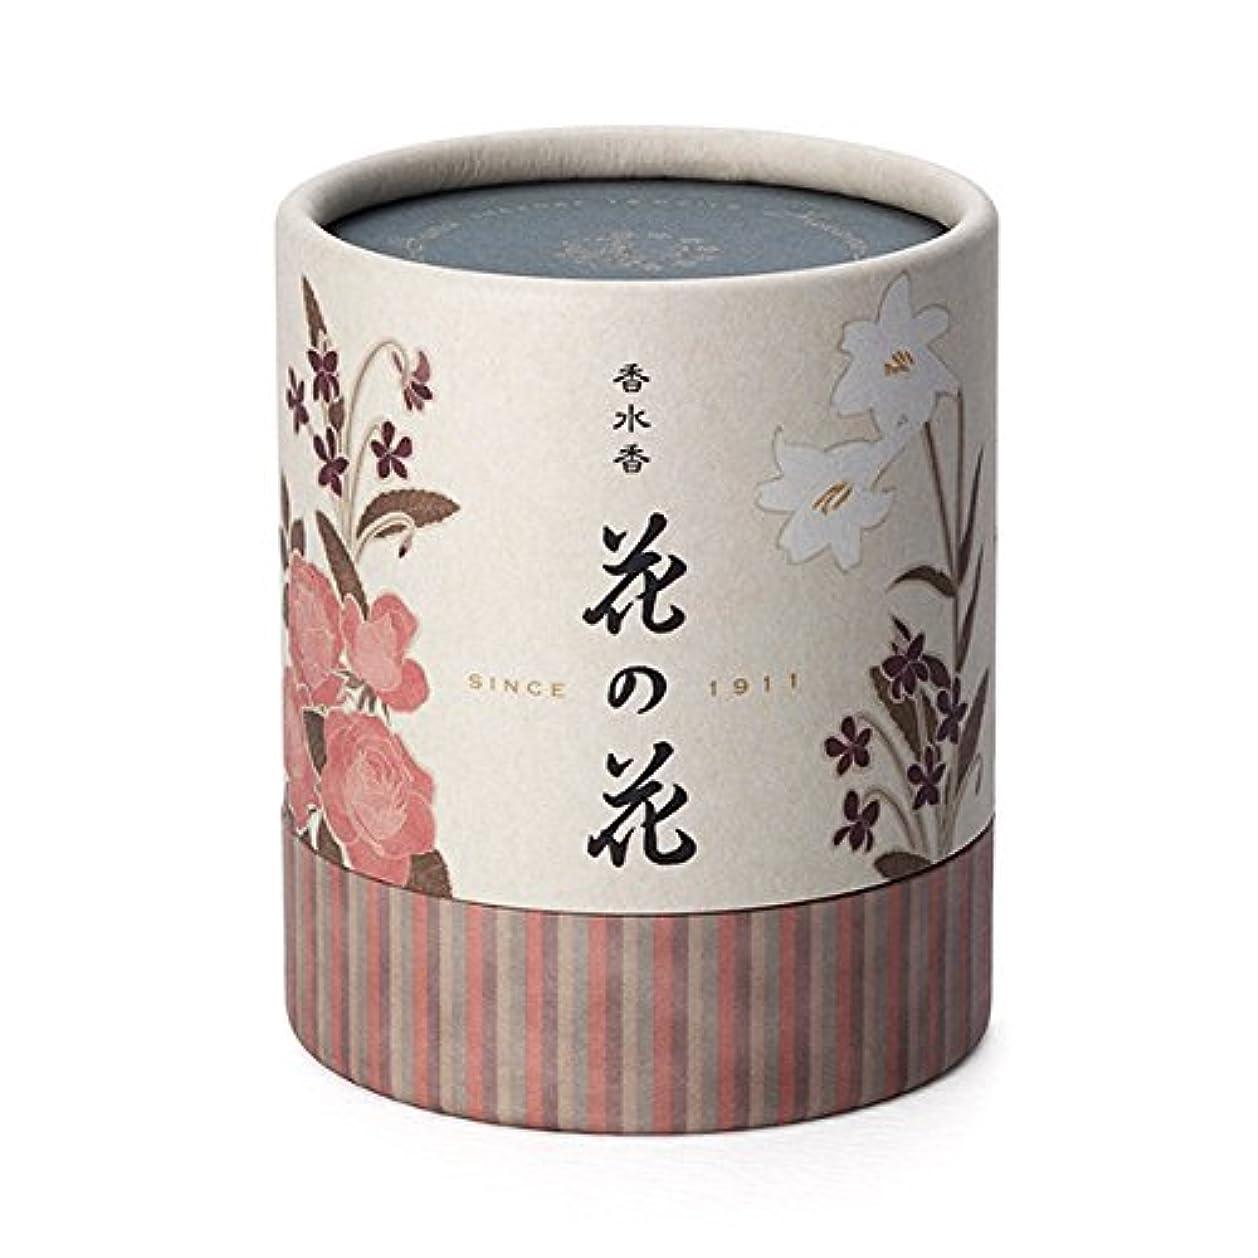 手錠群集公爵夫人日本香堂 香水香 花の花 3種入 うず巻12巻入 香立付( 30003)